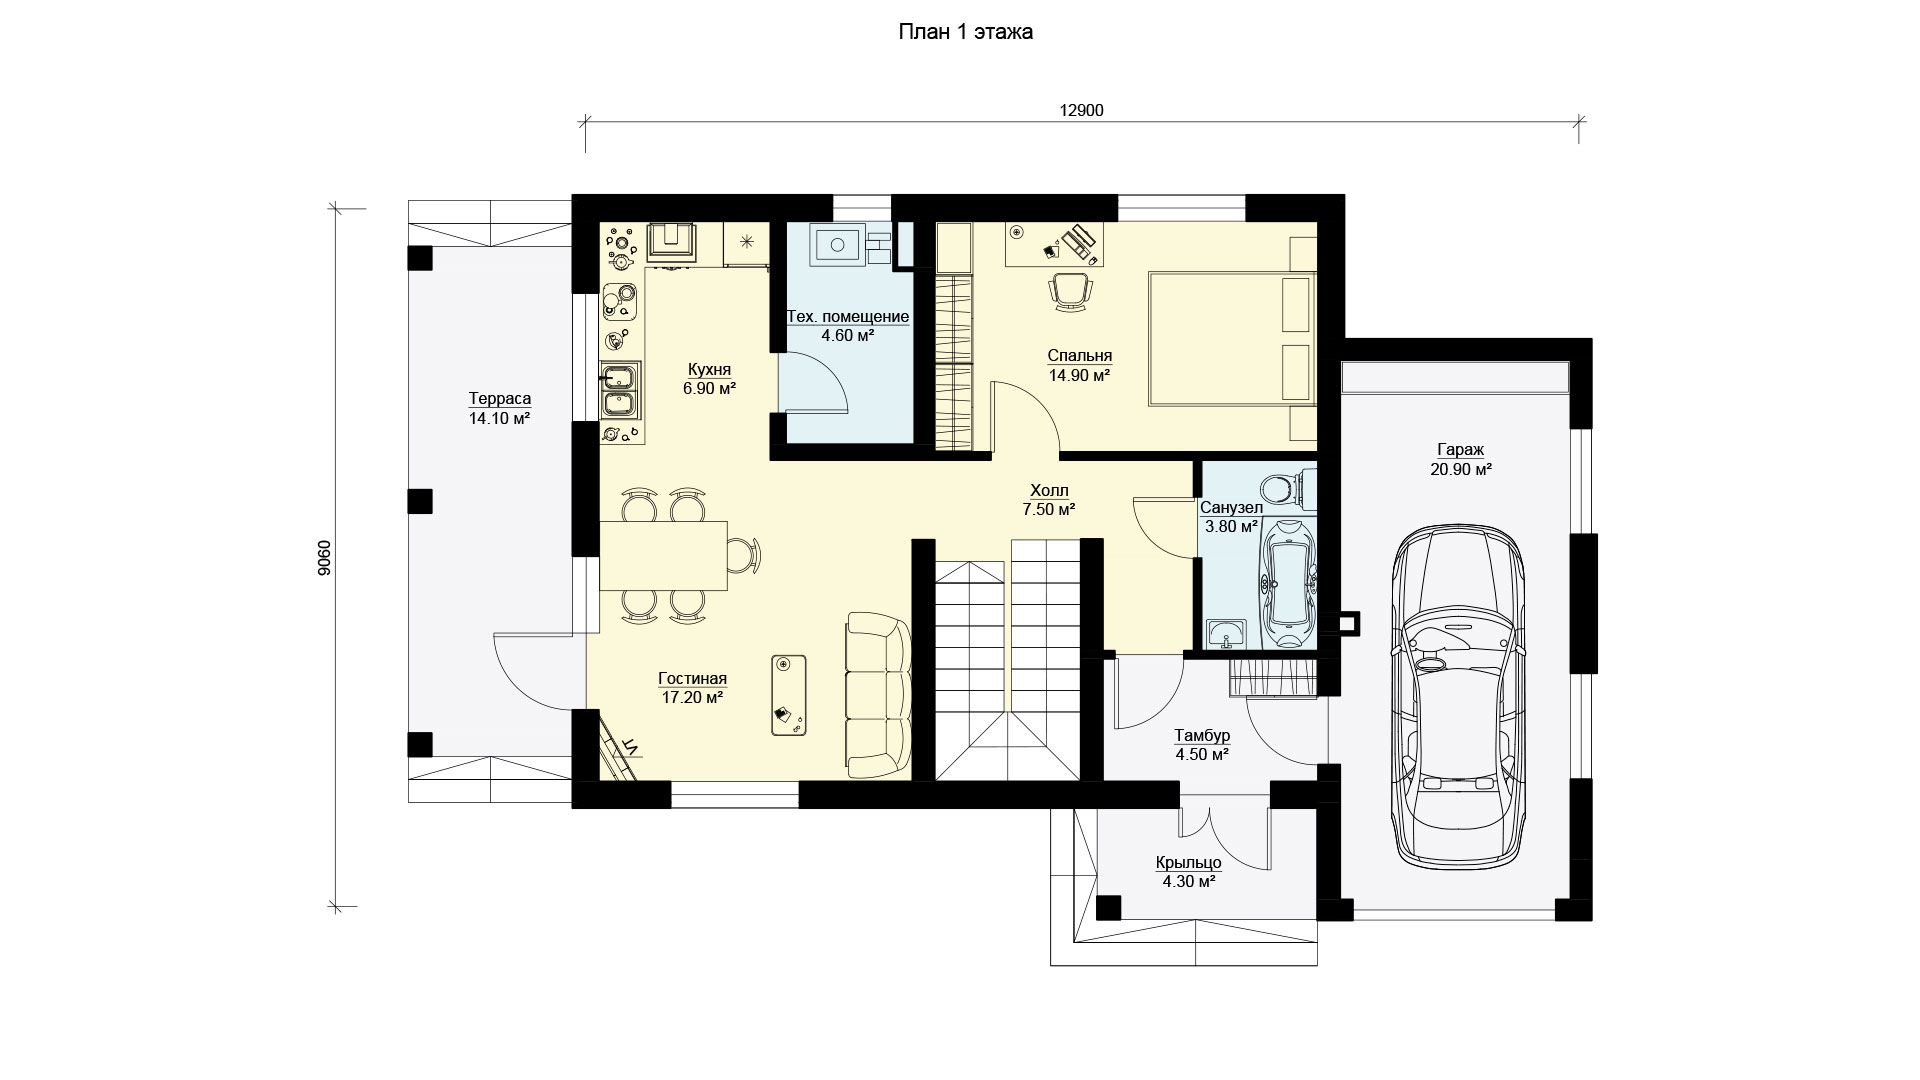 План первого этажа двухэтажного дома с эксплуатируемой крышей, проект БЭНПАН БП-190.